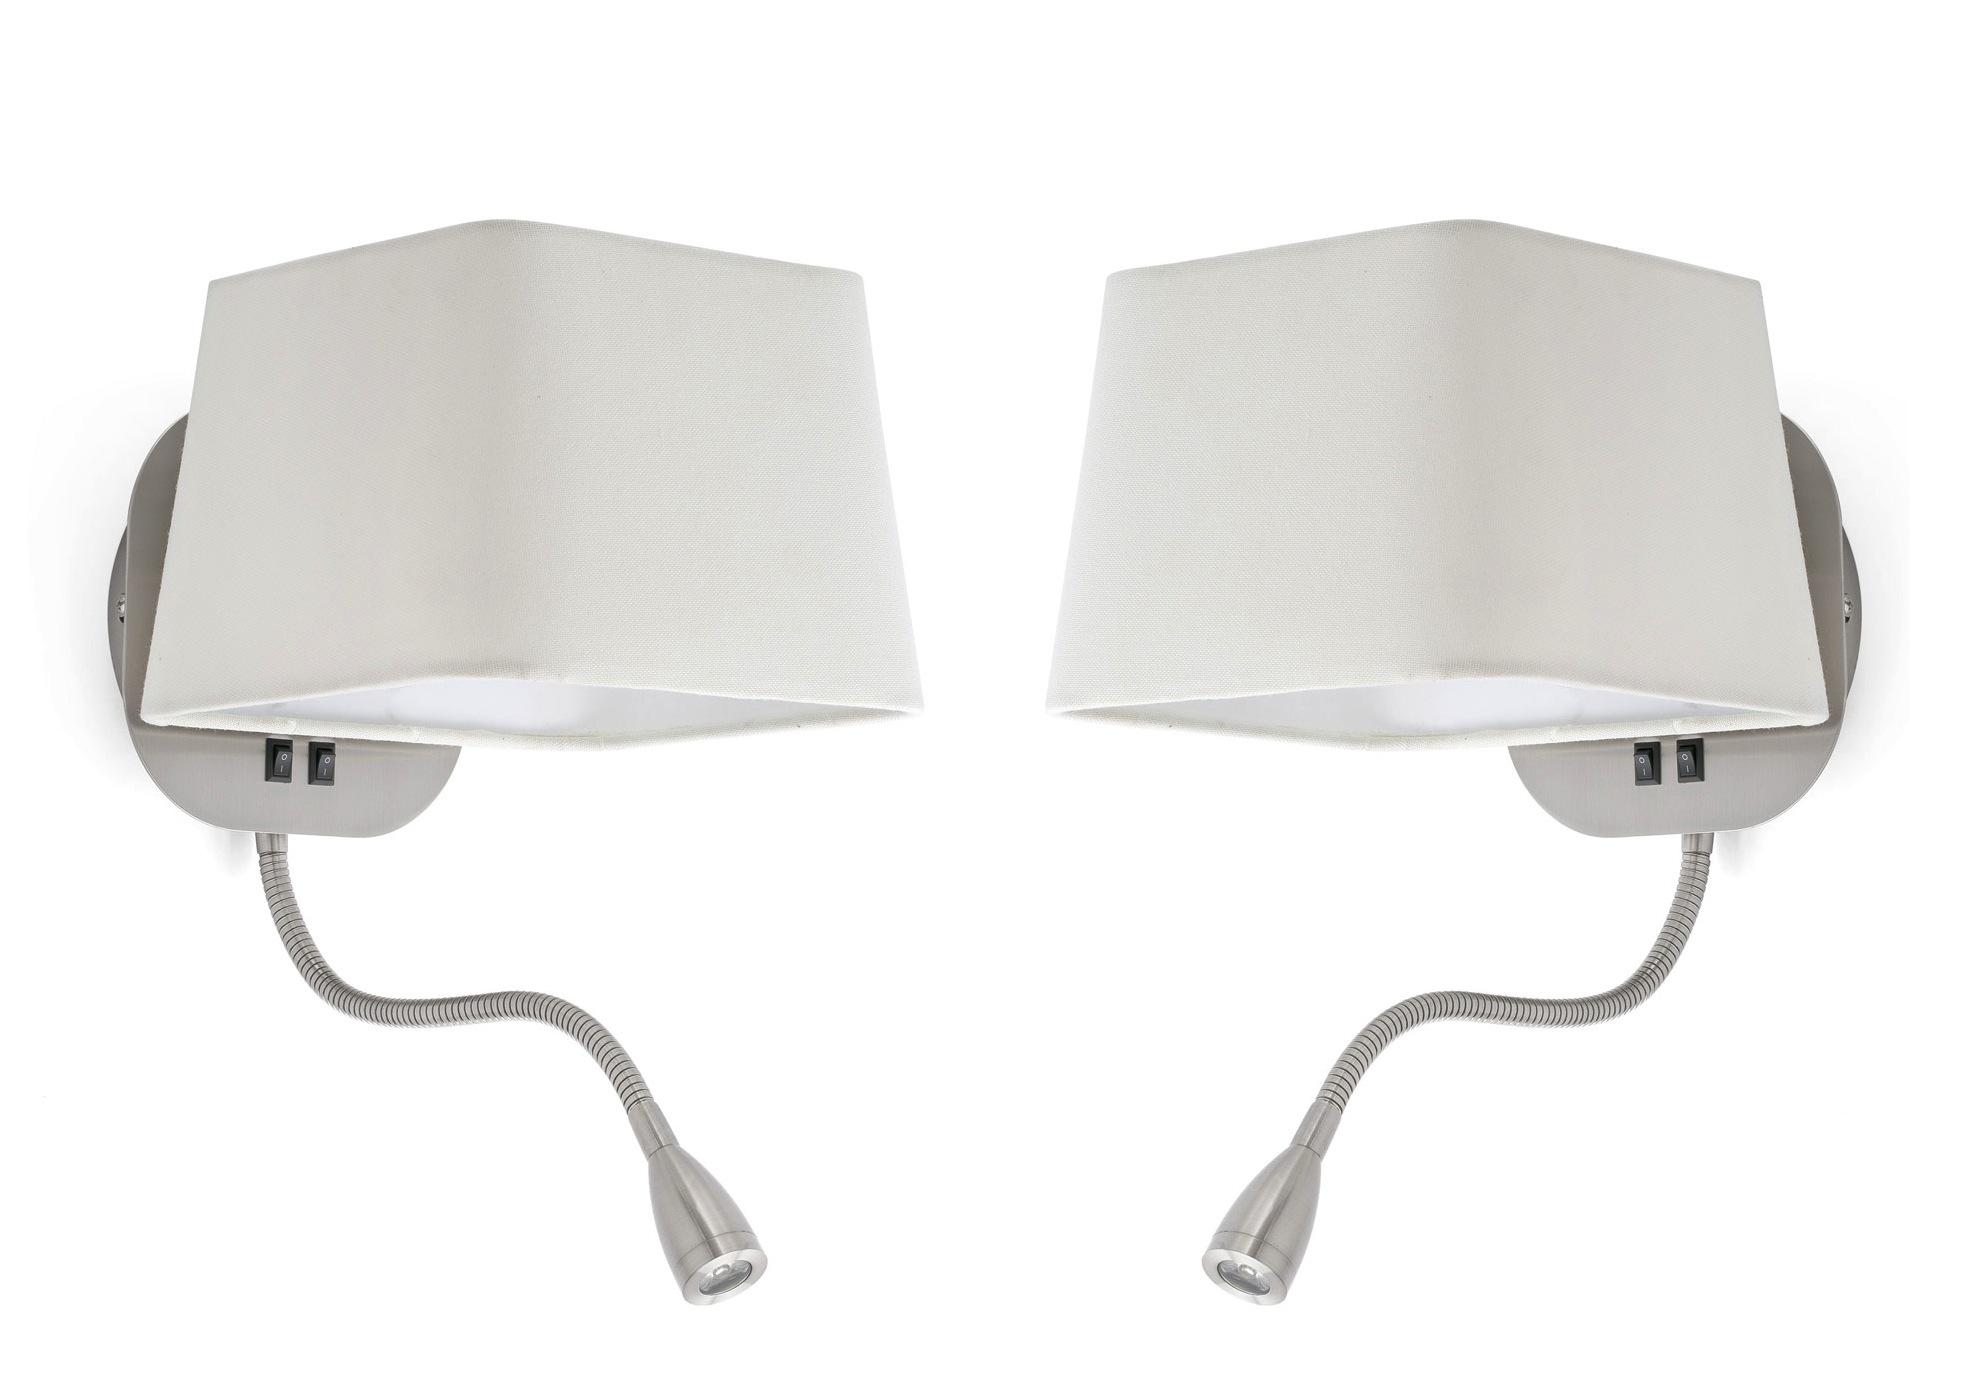 Maison Tete De Et Lampe Applique Murale Lit Idée Luminaire Led N80wOvmn